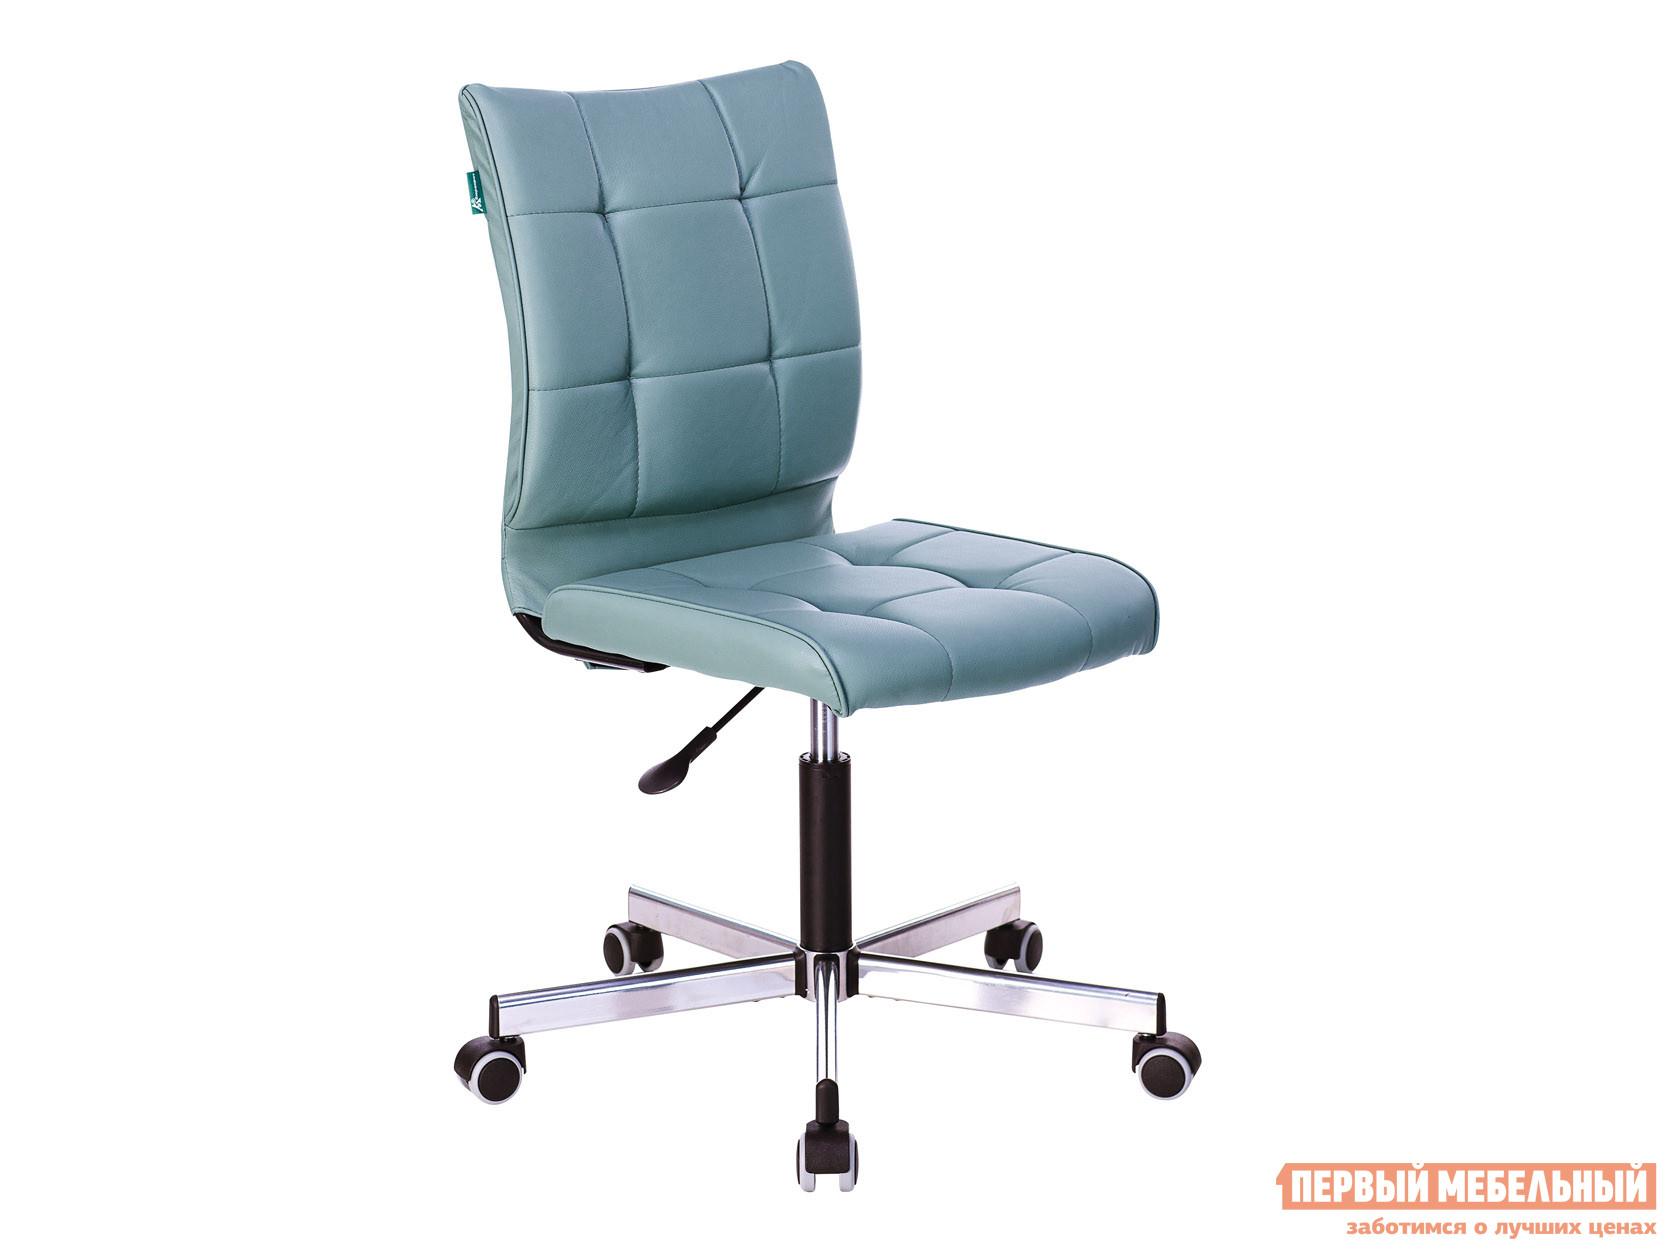 Офисное кресло  CH-330M Серая иск. кожа Бюрократ 95381